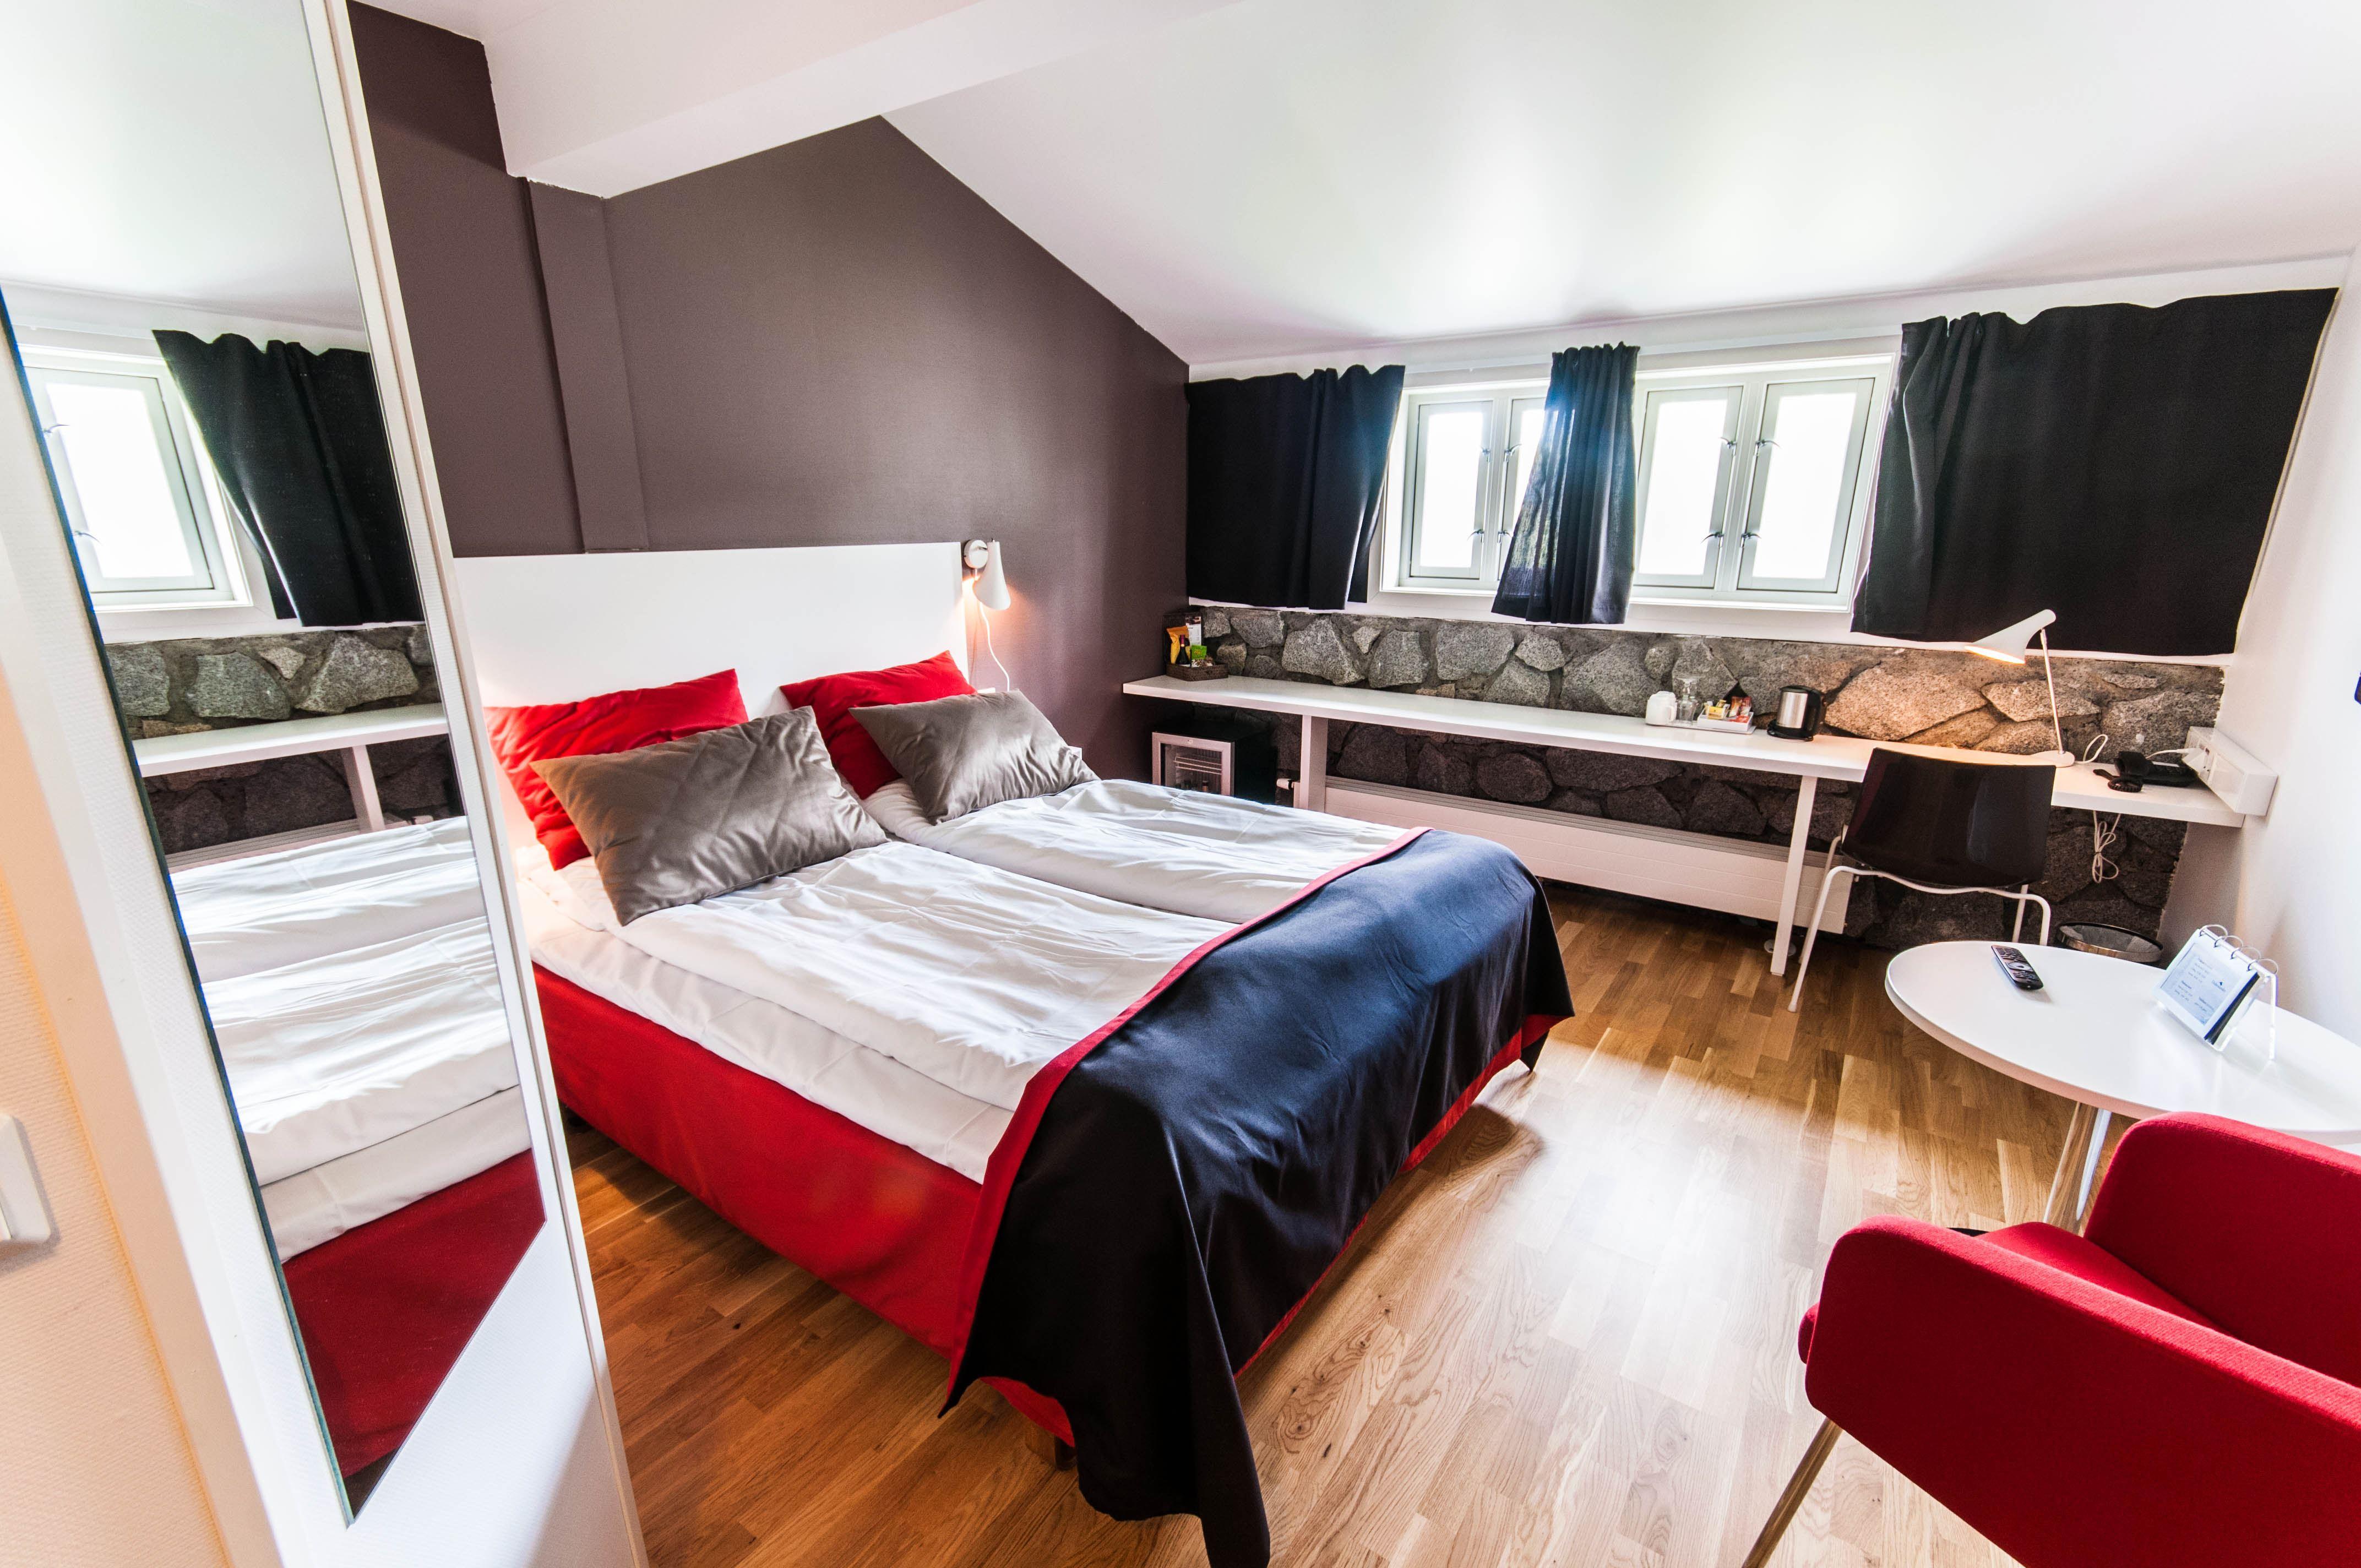 Dolmsundet Hotell